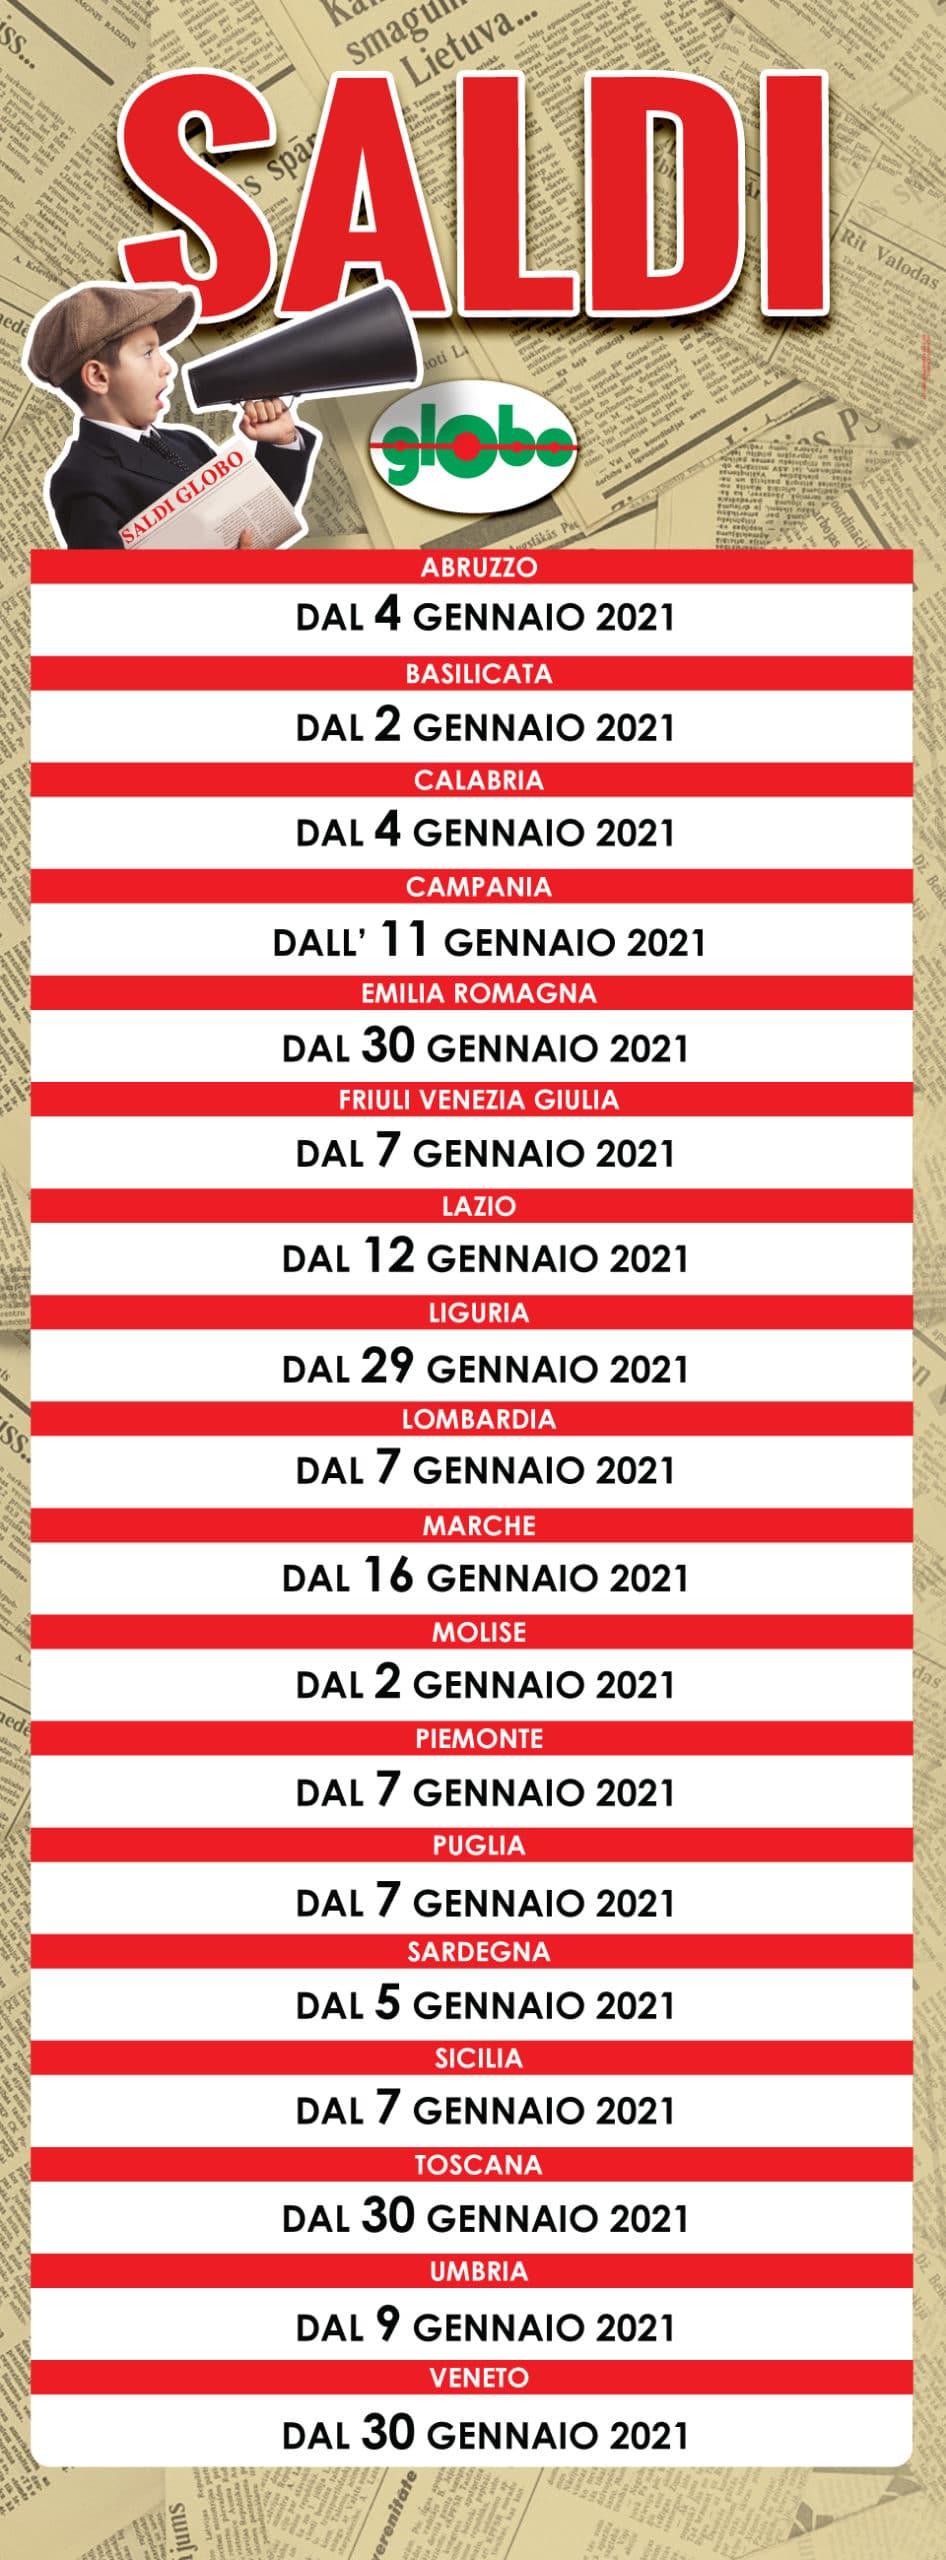 Inizio saldi invernali 2021 - Calzature, Abbigliamento, Sport ...